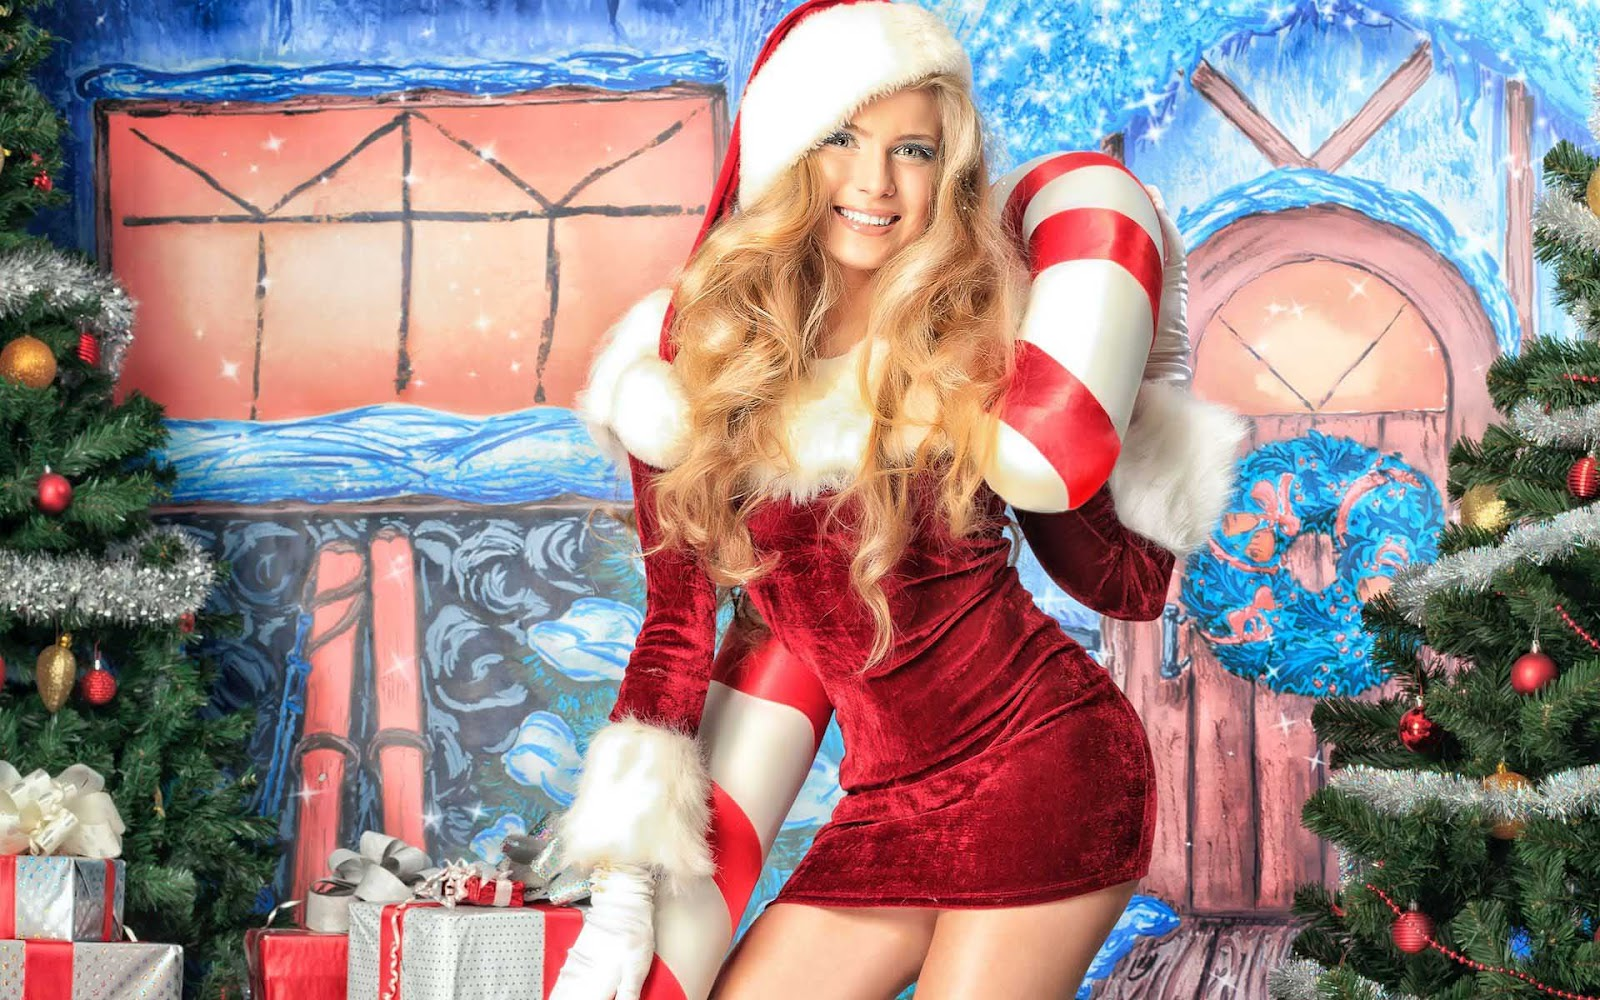 http://2.bp.blogspot.com/-TCrVwBajTKc/UGgrK3AjoZI/AAAAAAAAE9g/vpju4D_NeNs/s1600/hd-mooie-kerst-achtergrond-met-een-kerstvrouw-in-een-rode-jurk-hd-kerst-wallpaper-foto.jpg